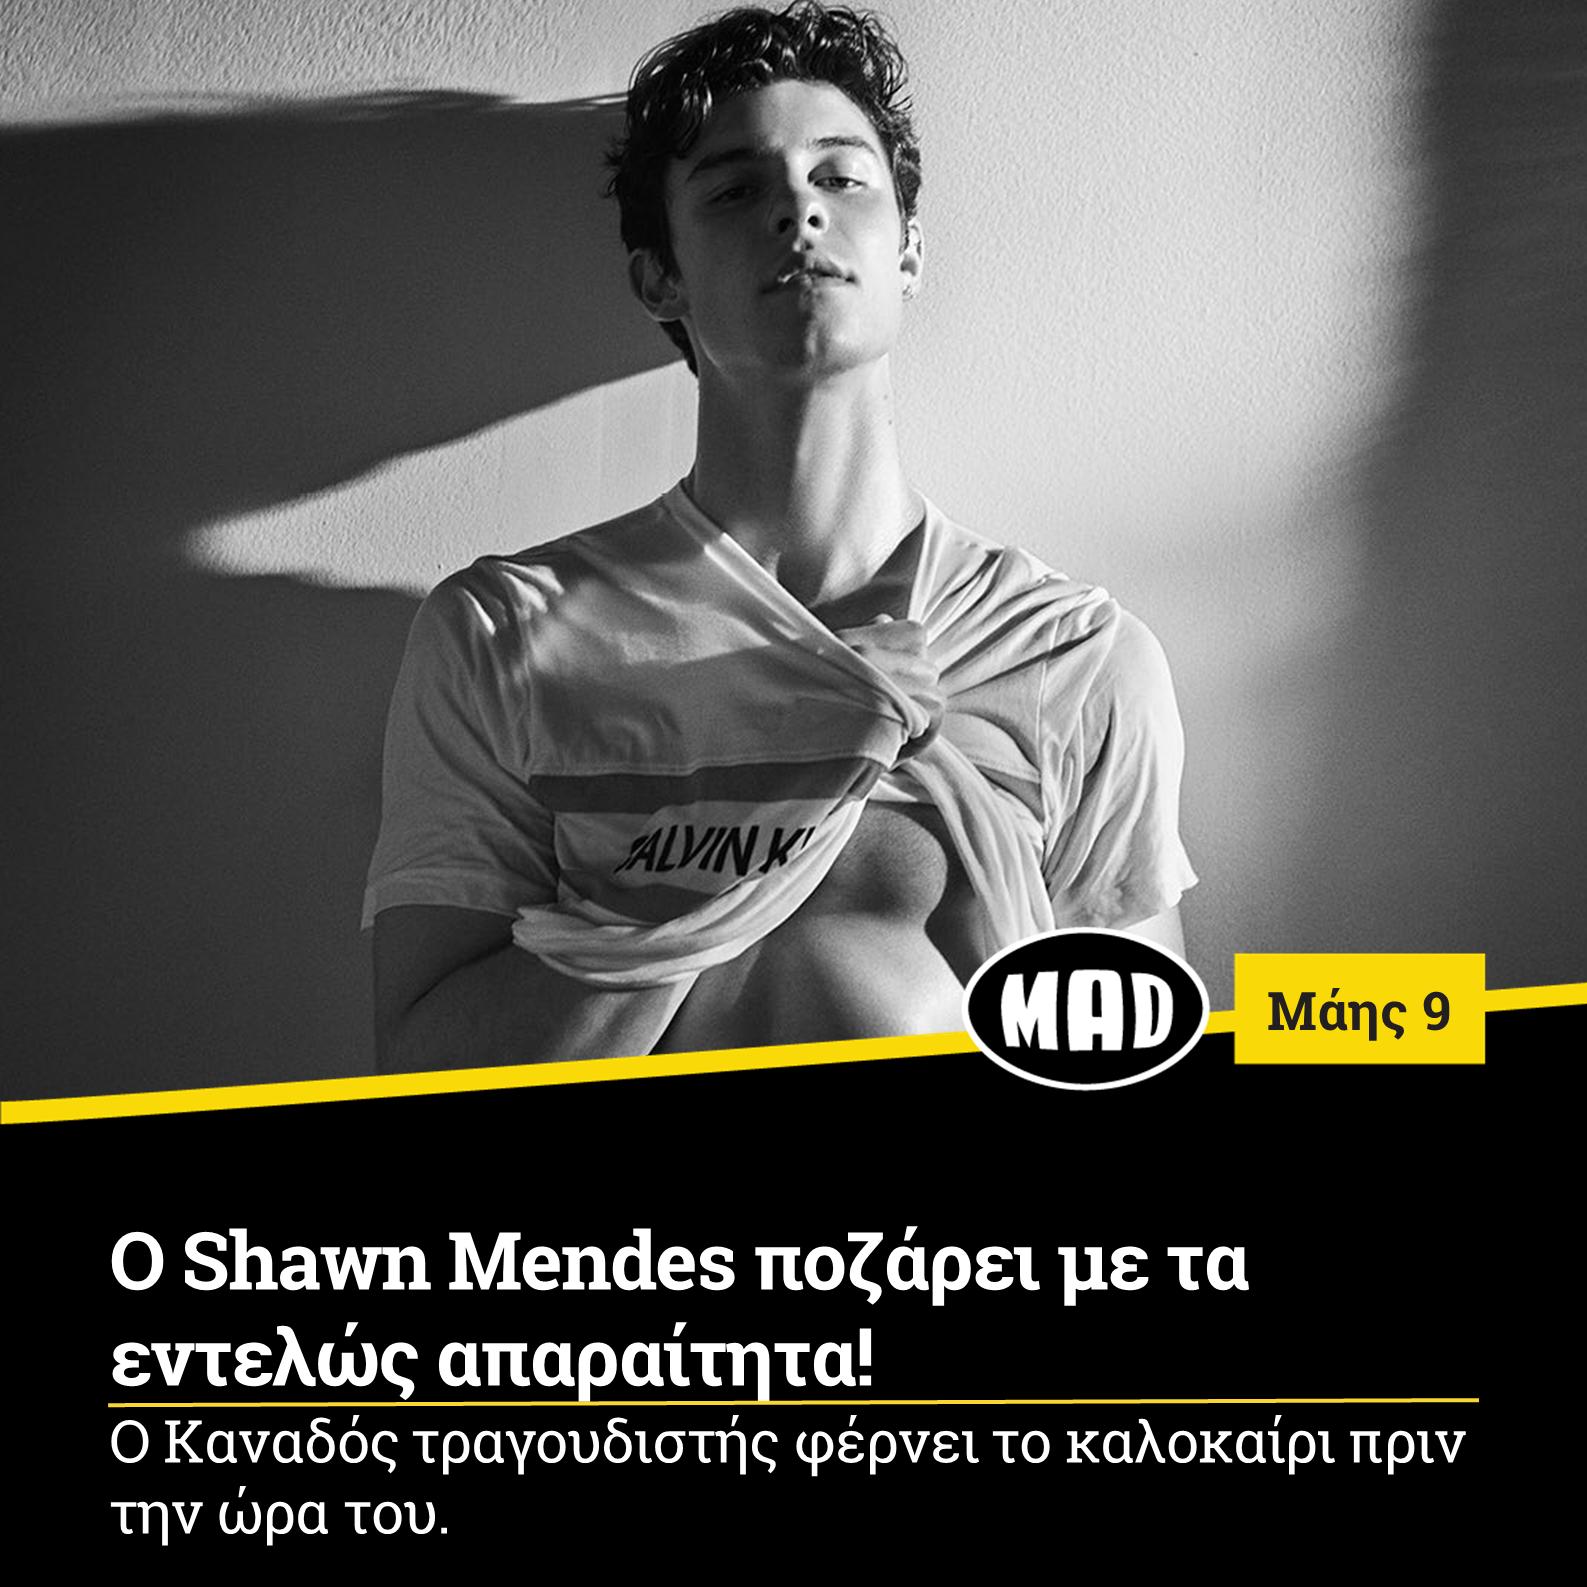 O Shawn Mendes ποζάρει με τα εντελώς απαραίτητα!